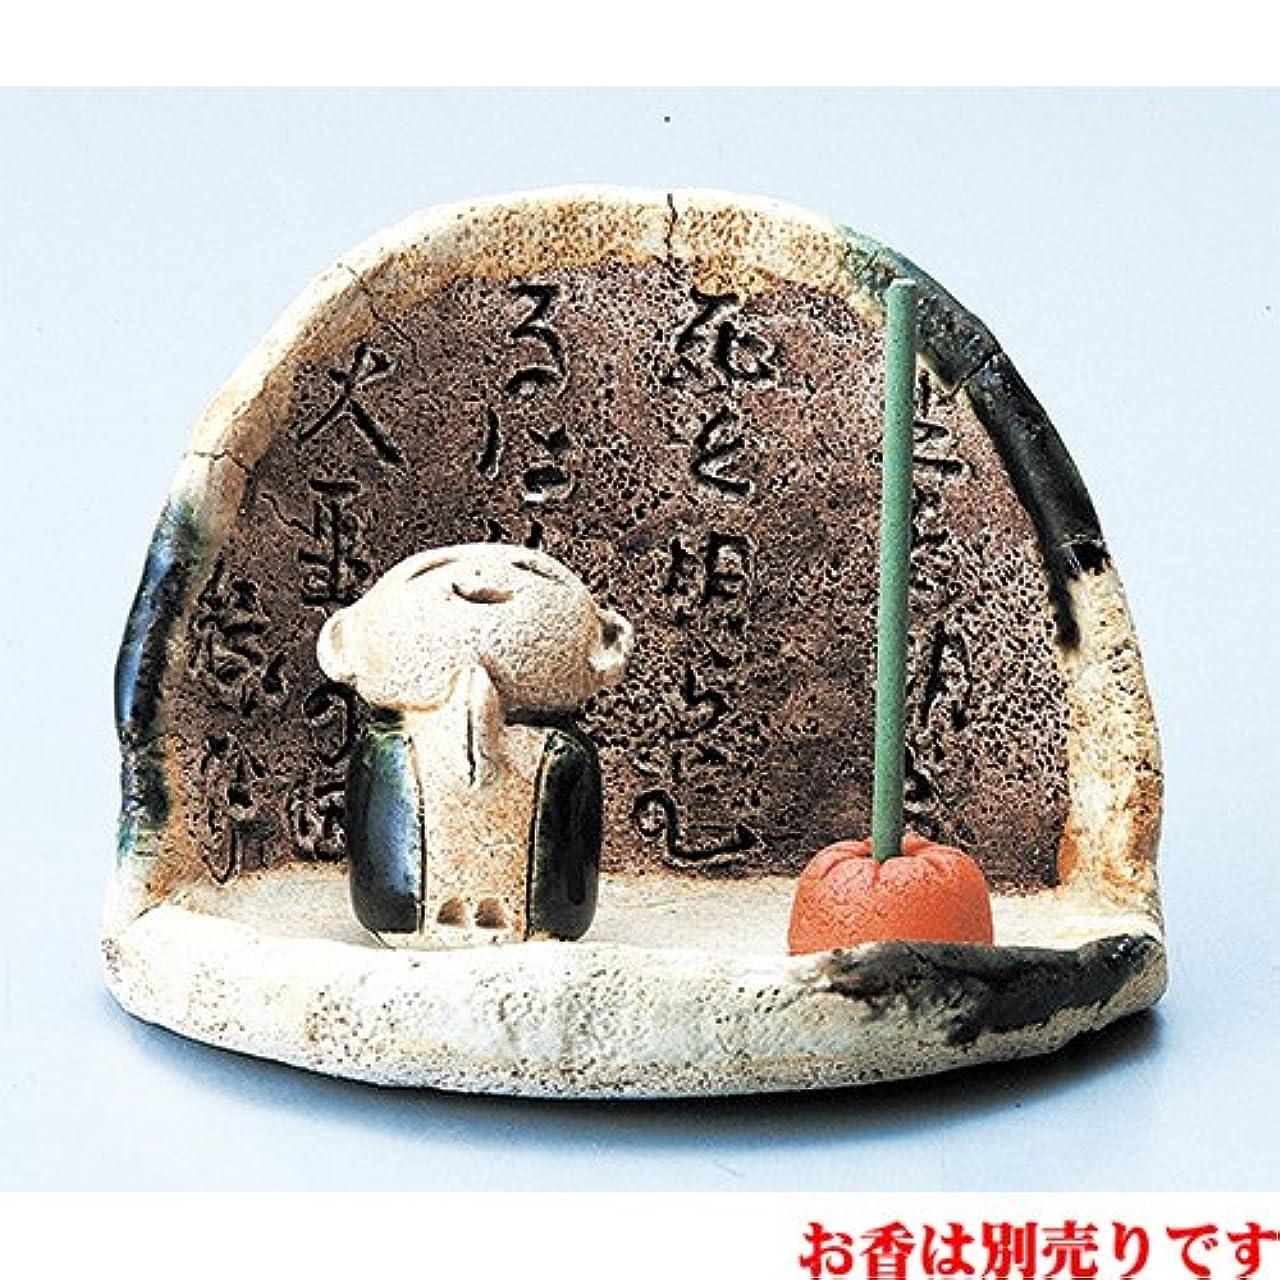 必需品悲しいことに単独でお地蔵様 香炉シリーズ お地蔵様衝立て 香皿 [11x6xH7.5cm] HANDMADE プレゼント ギフト 和食器 かわいい インテリア